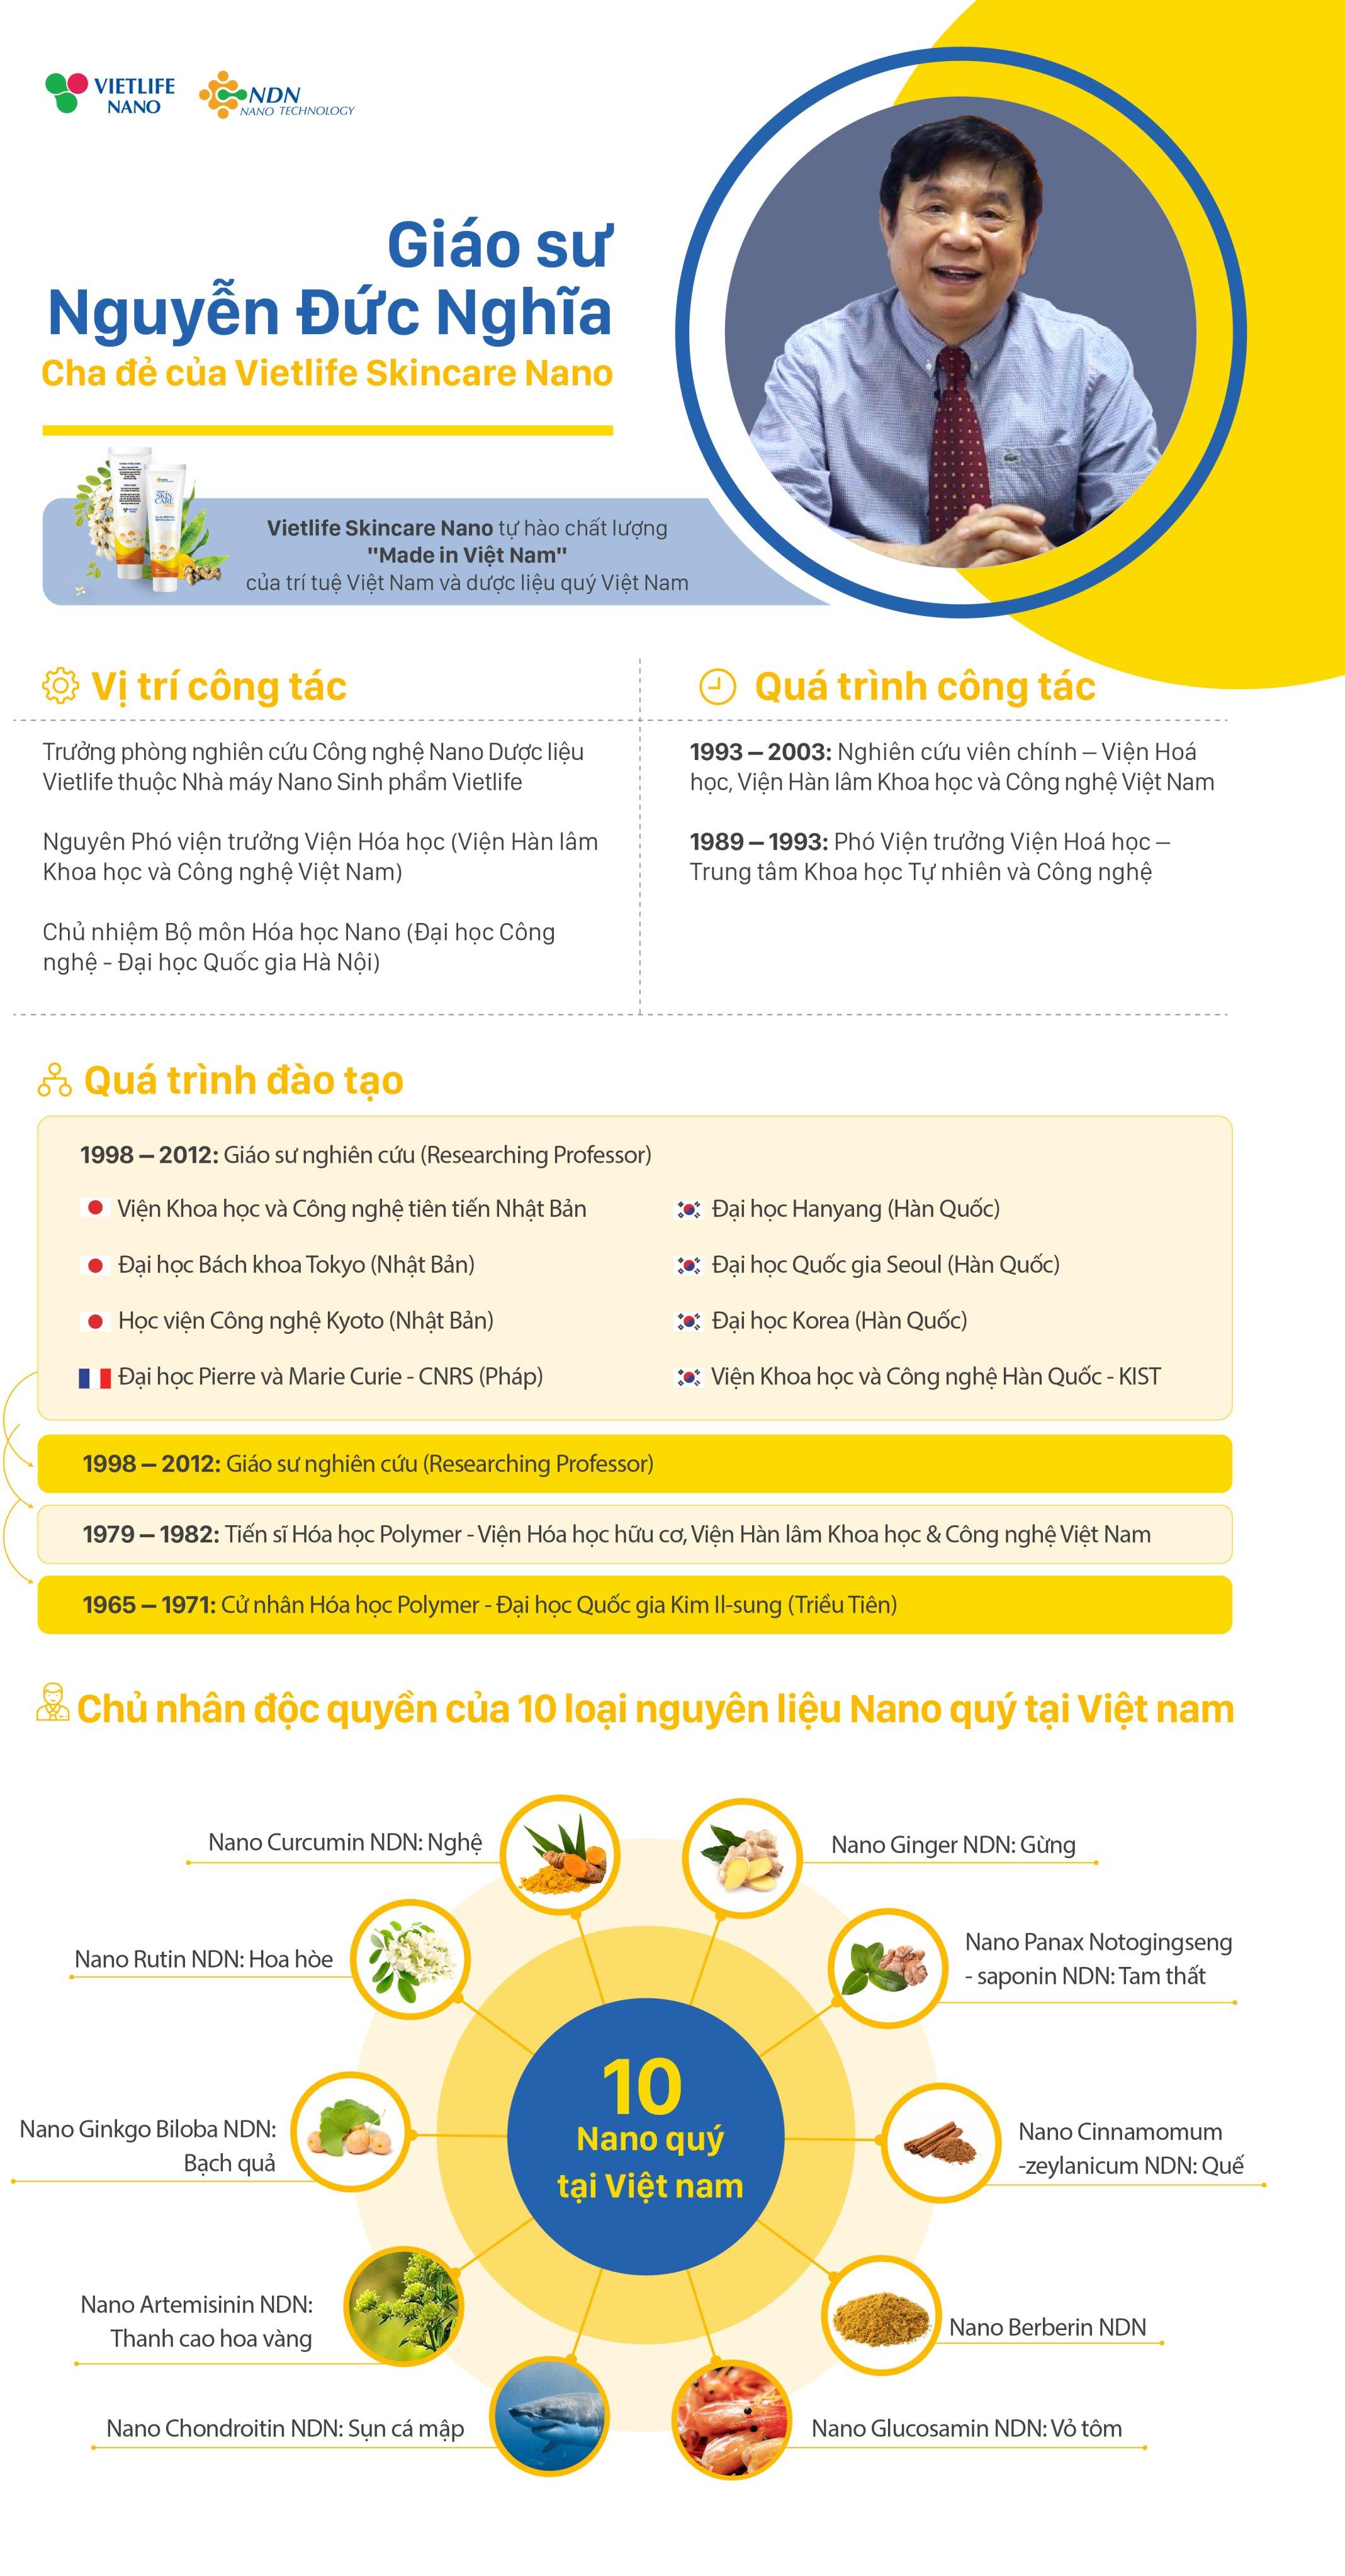 Infographic: Giáo sư Nguyễn Đức Nghĩa- Cha đẻ của Vietlife Skincare Nano 1